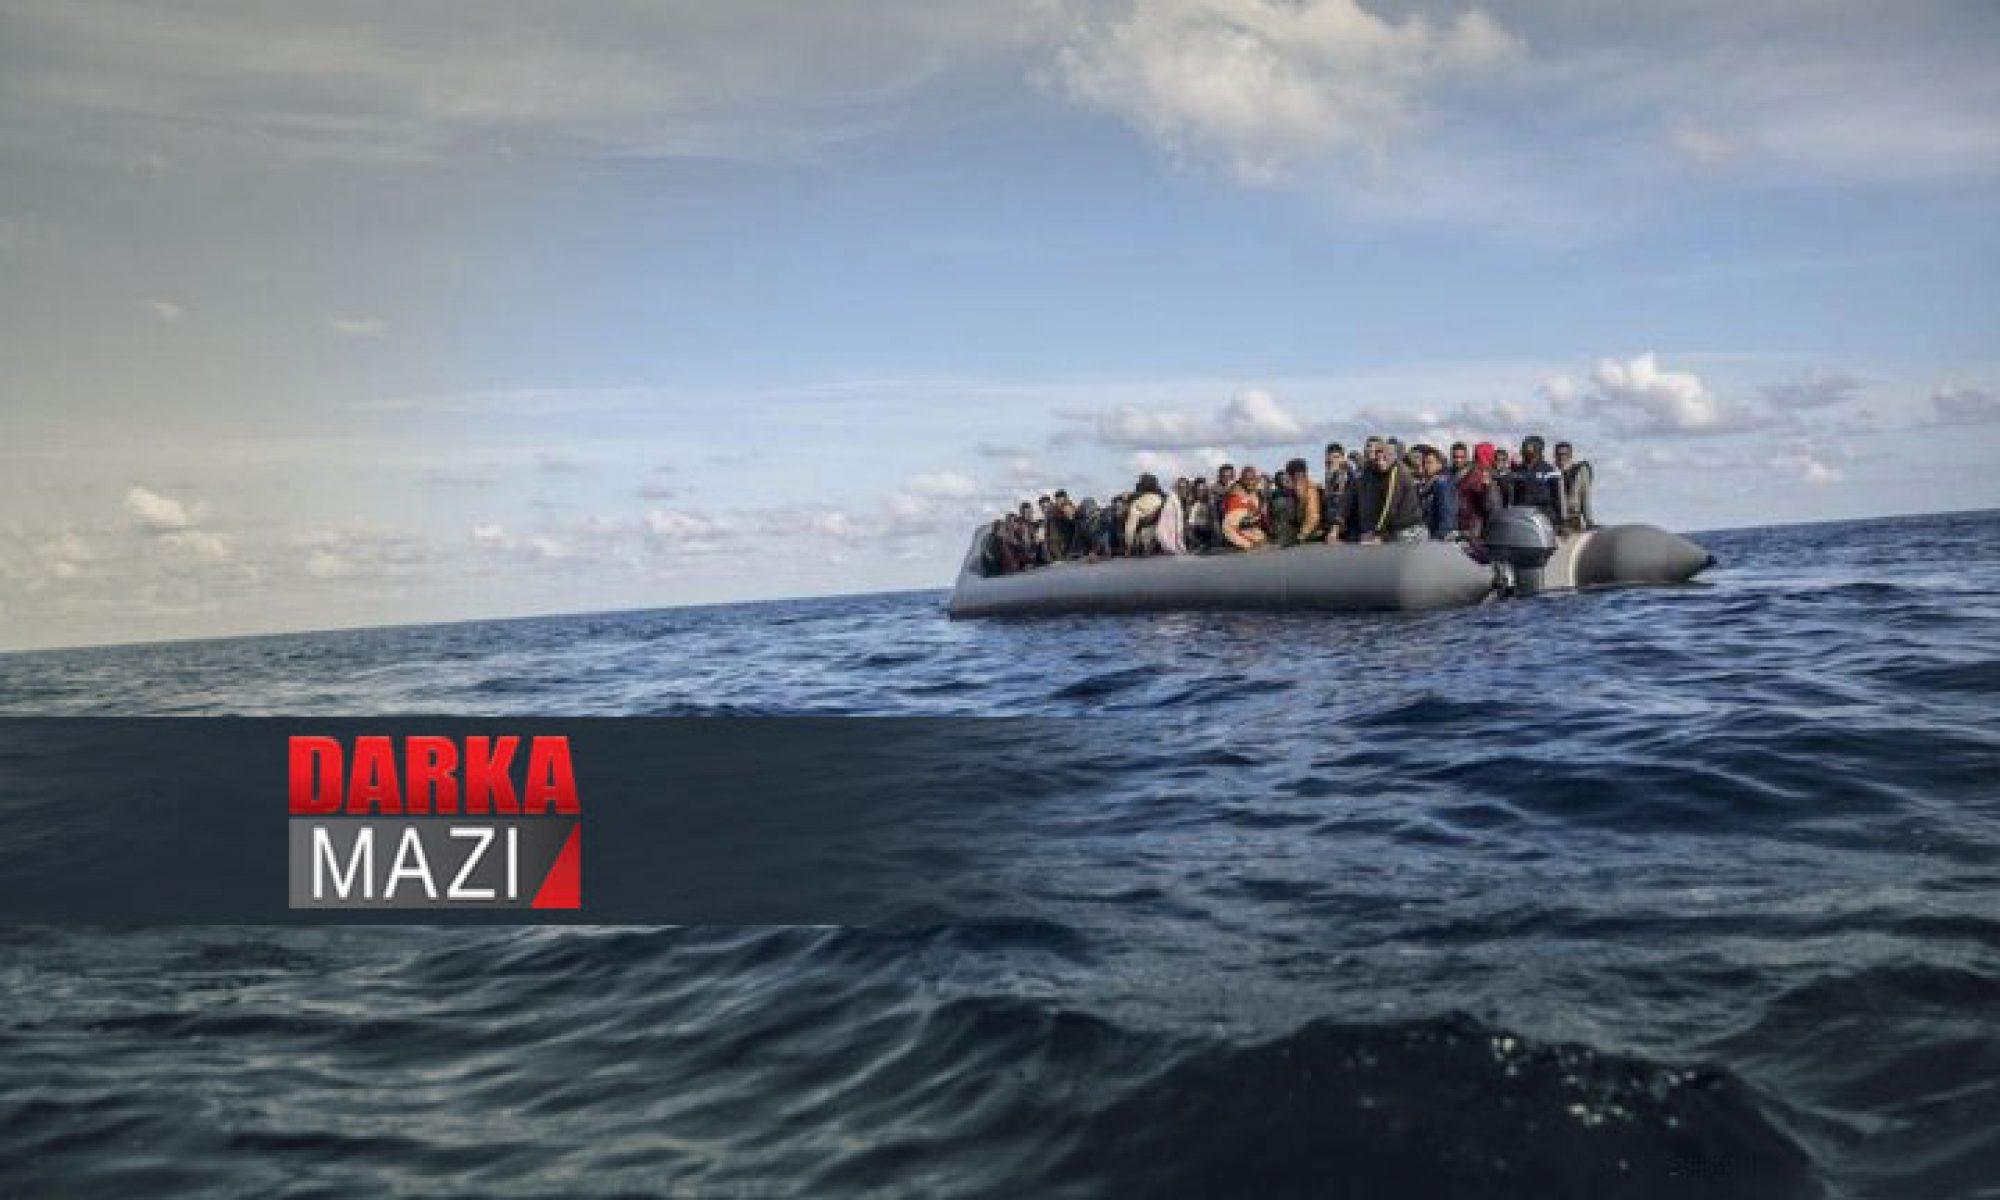 Göçmenleri taşıyan tekne batı, bu kez yer Van